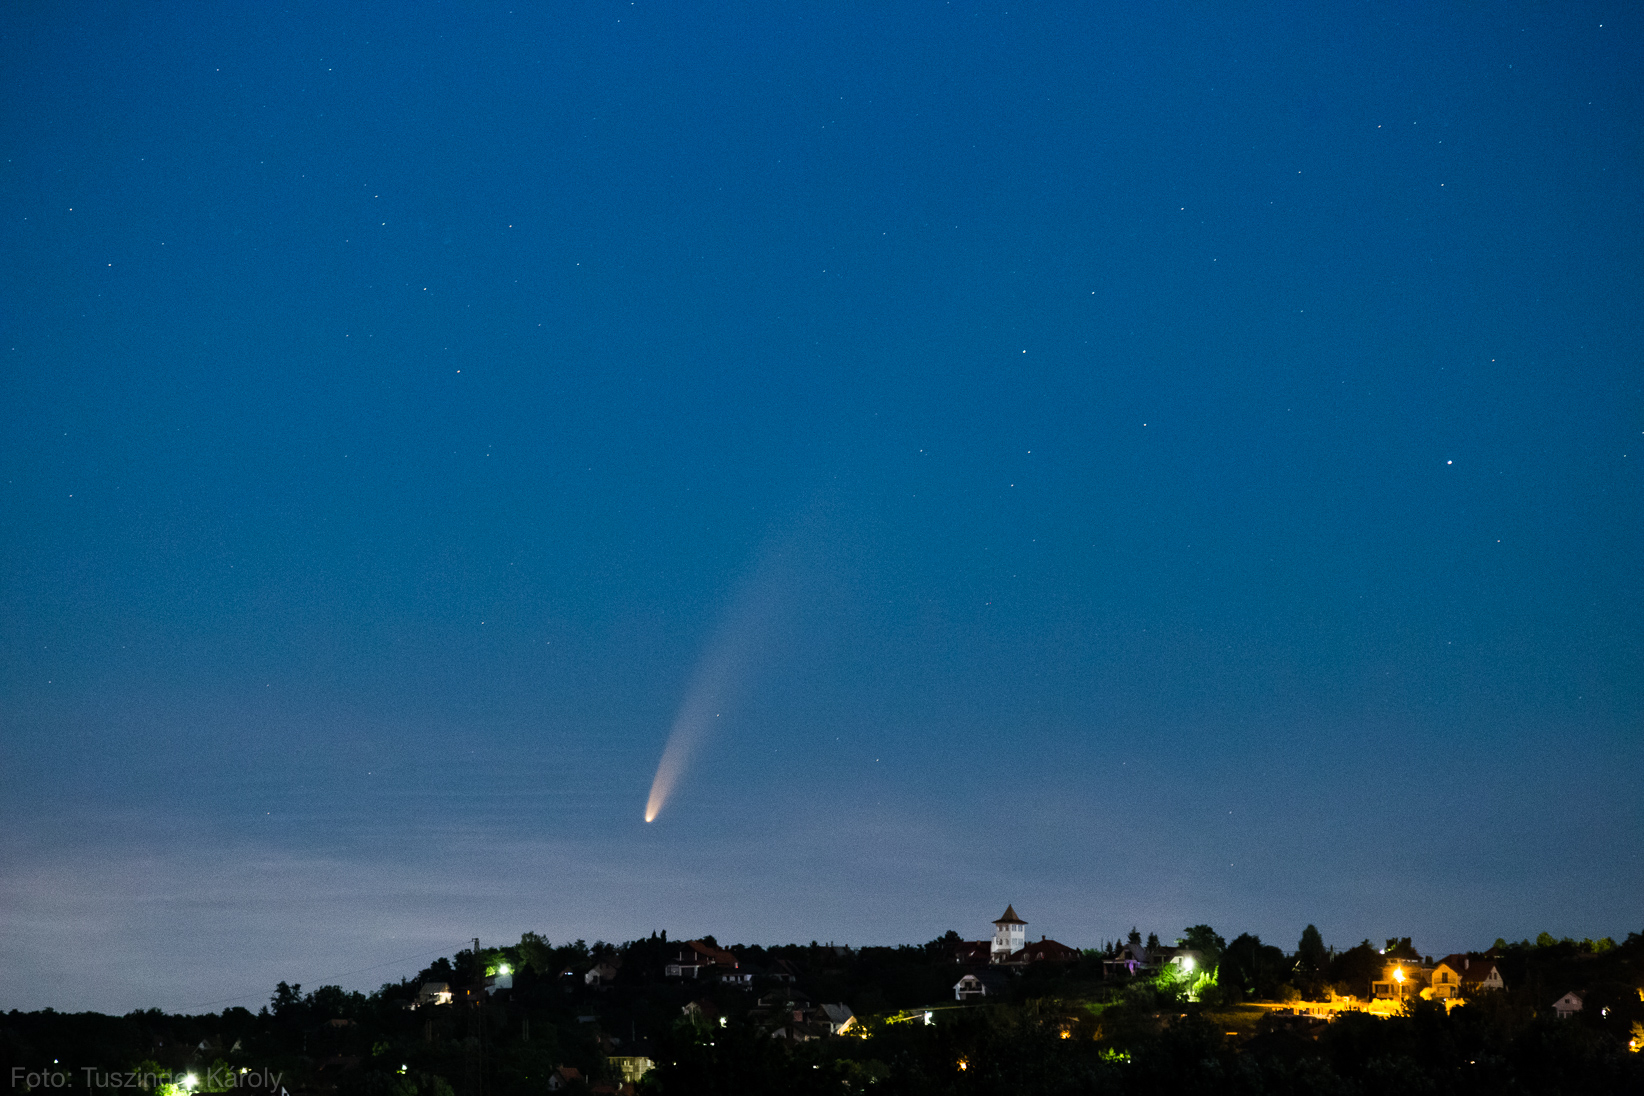 Tuszinger Károly fotója a C/2020 F3 (NEOWISE) üstökösről